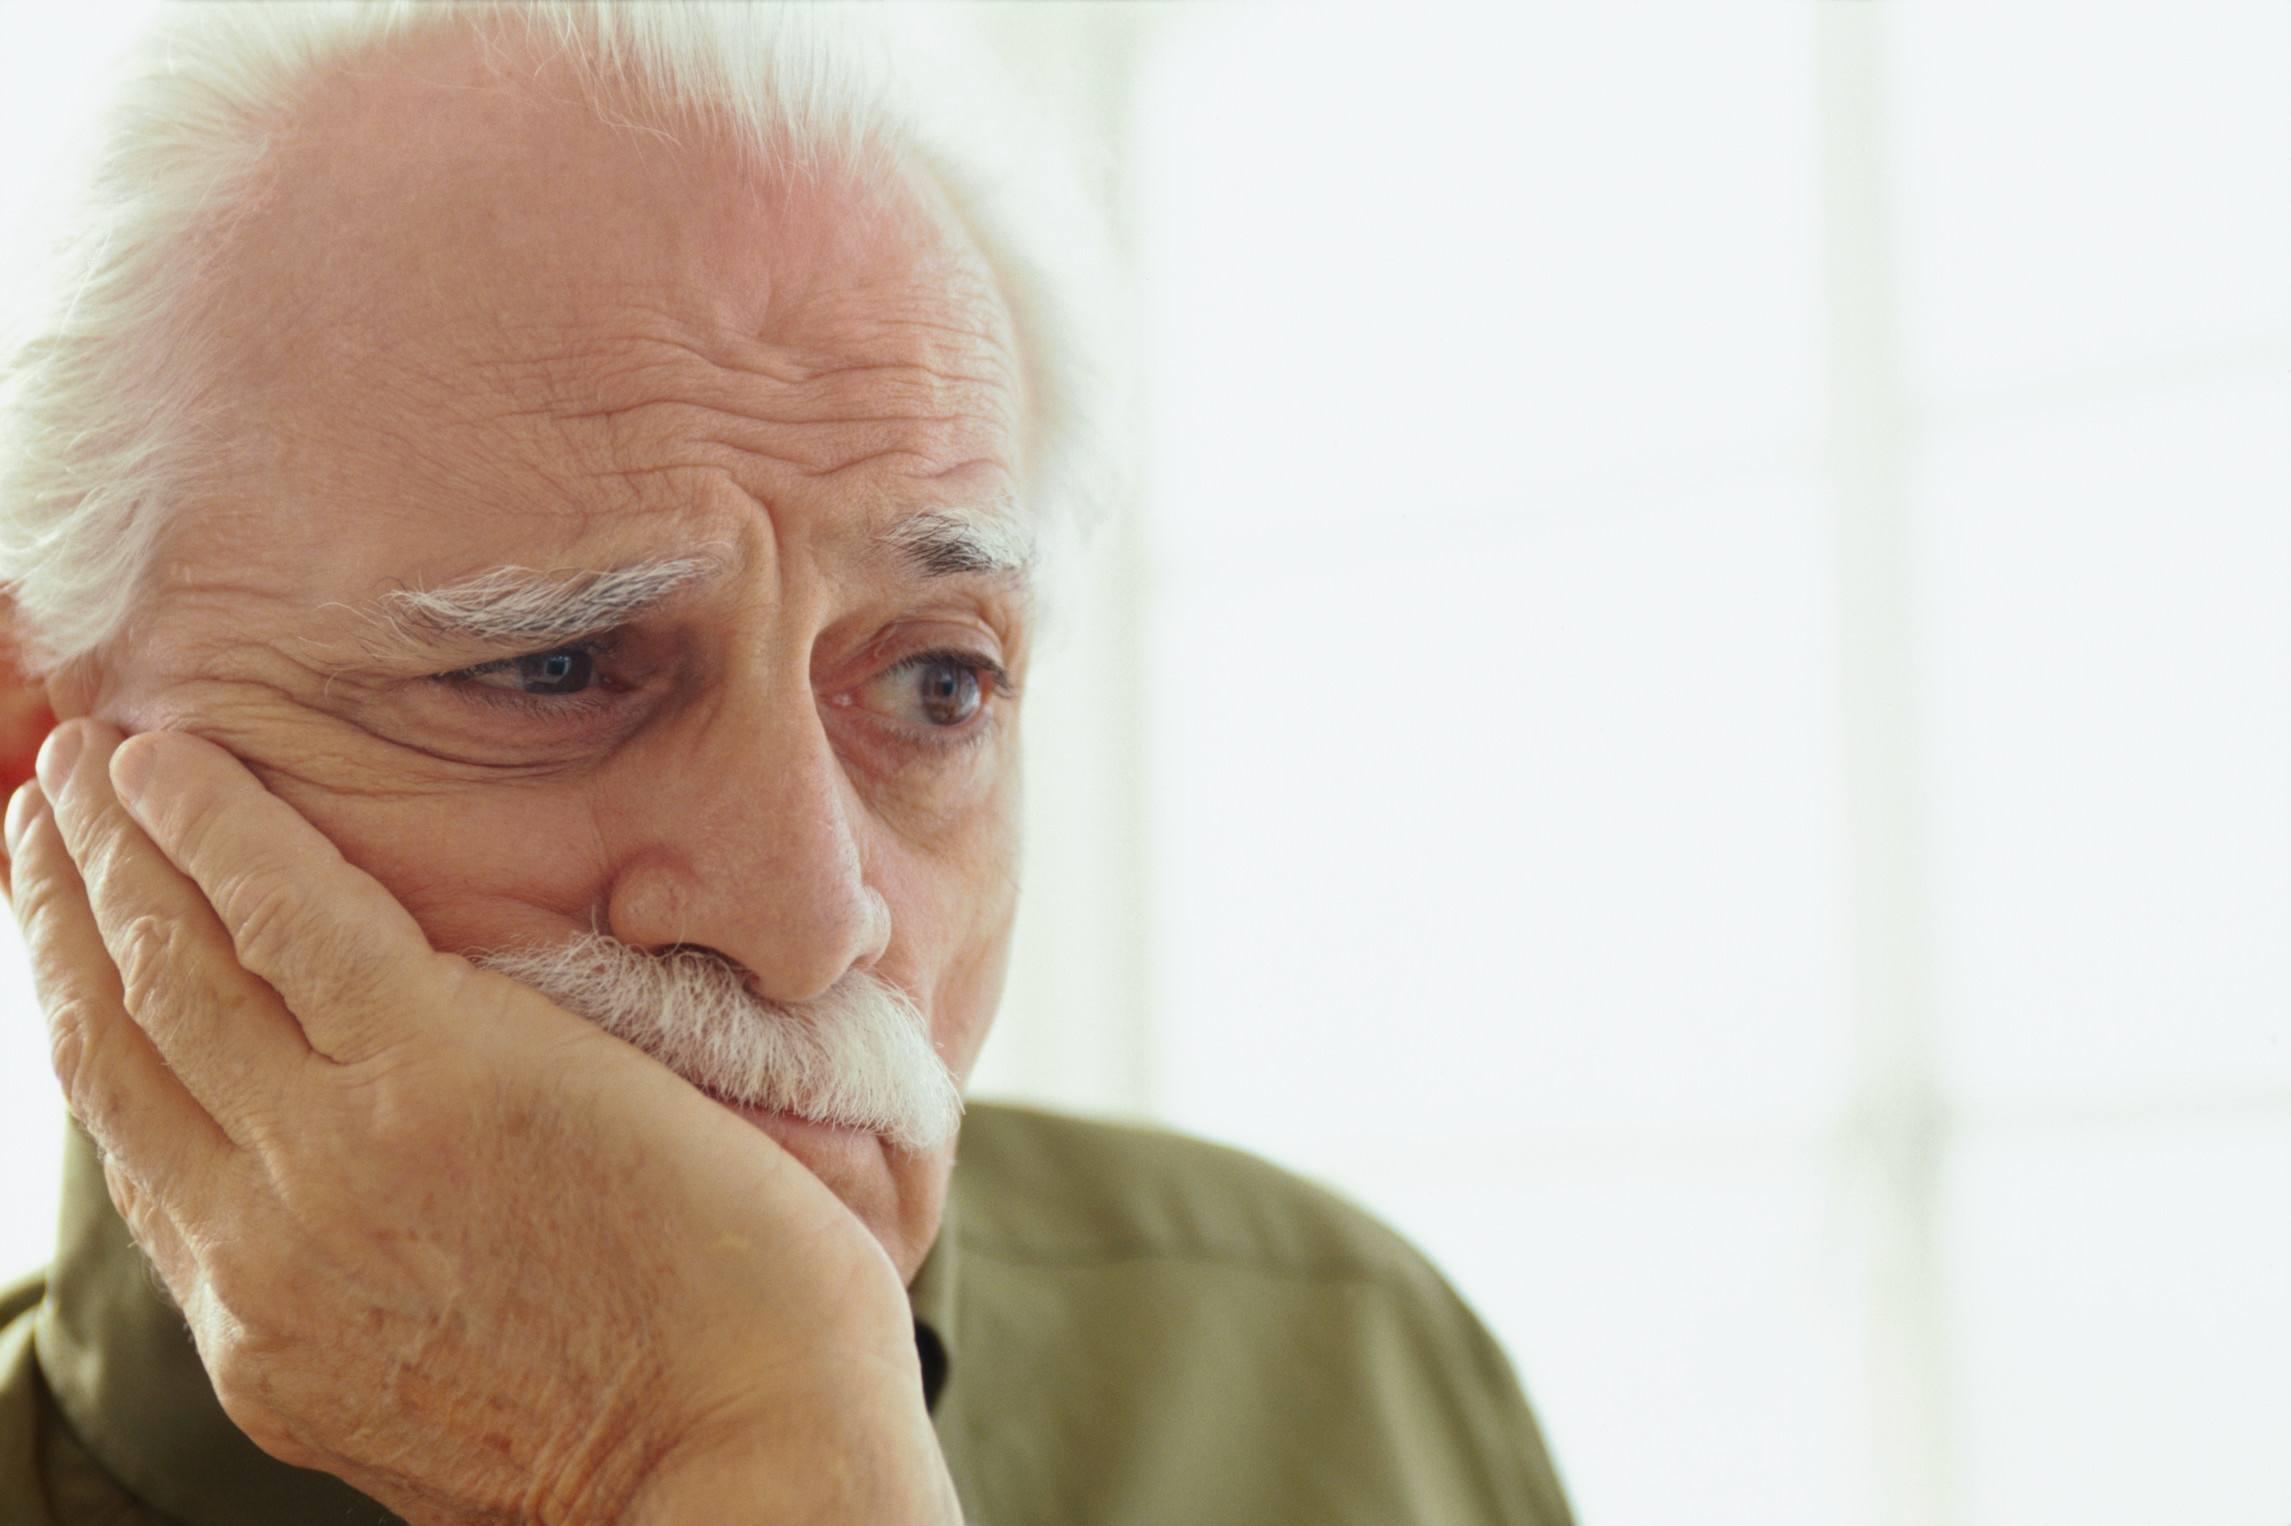 incontinenciaurinaria M - ¿Qué puedo hacer si mi padre necesita pañales?